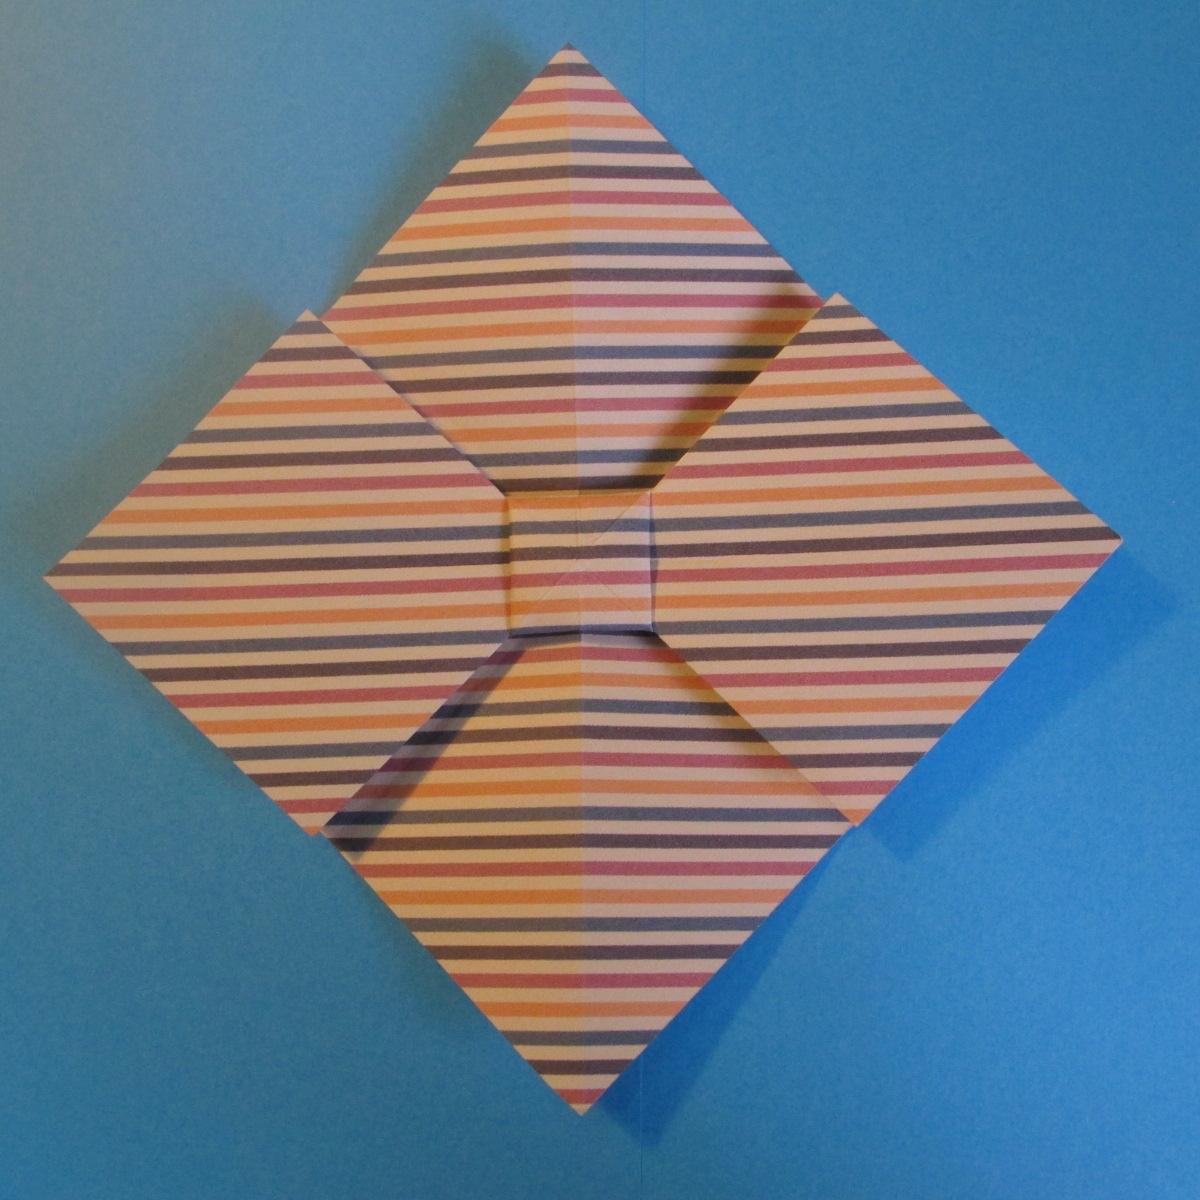 วิธีการพับกระดาษเป็นโบว์หูกระต่าย 015